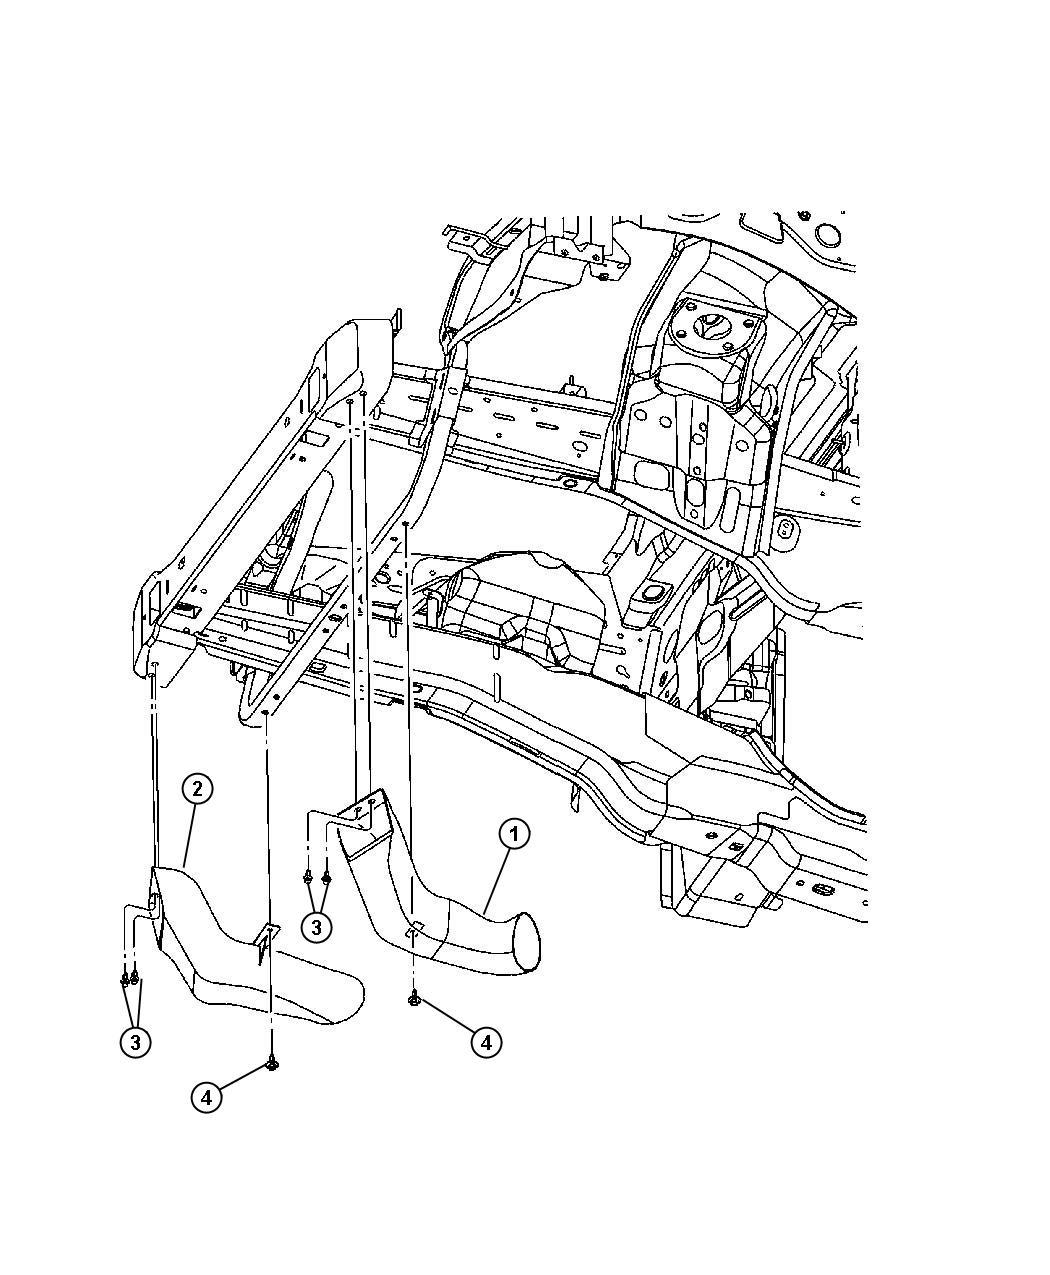 Jeep Renegade Pin Push Pin M11 4 M8x21 Mounting Heat